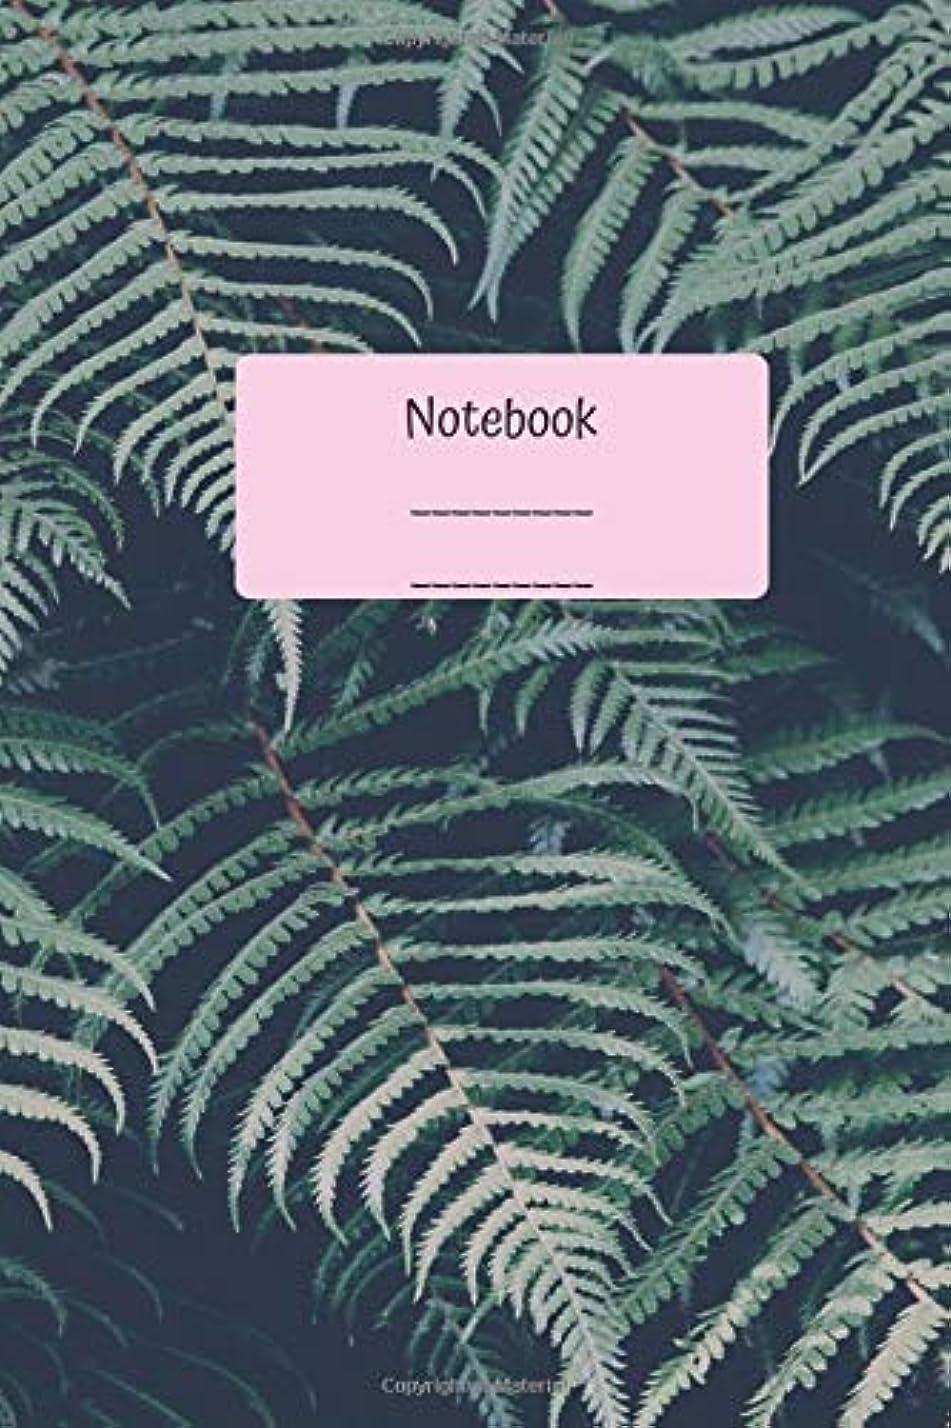 イディオムコード請求書Notebook: 110 Lined Pages, Daily Notebook, Journal, Diary (6